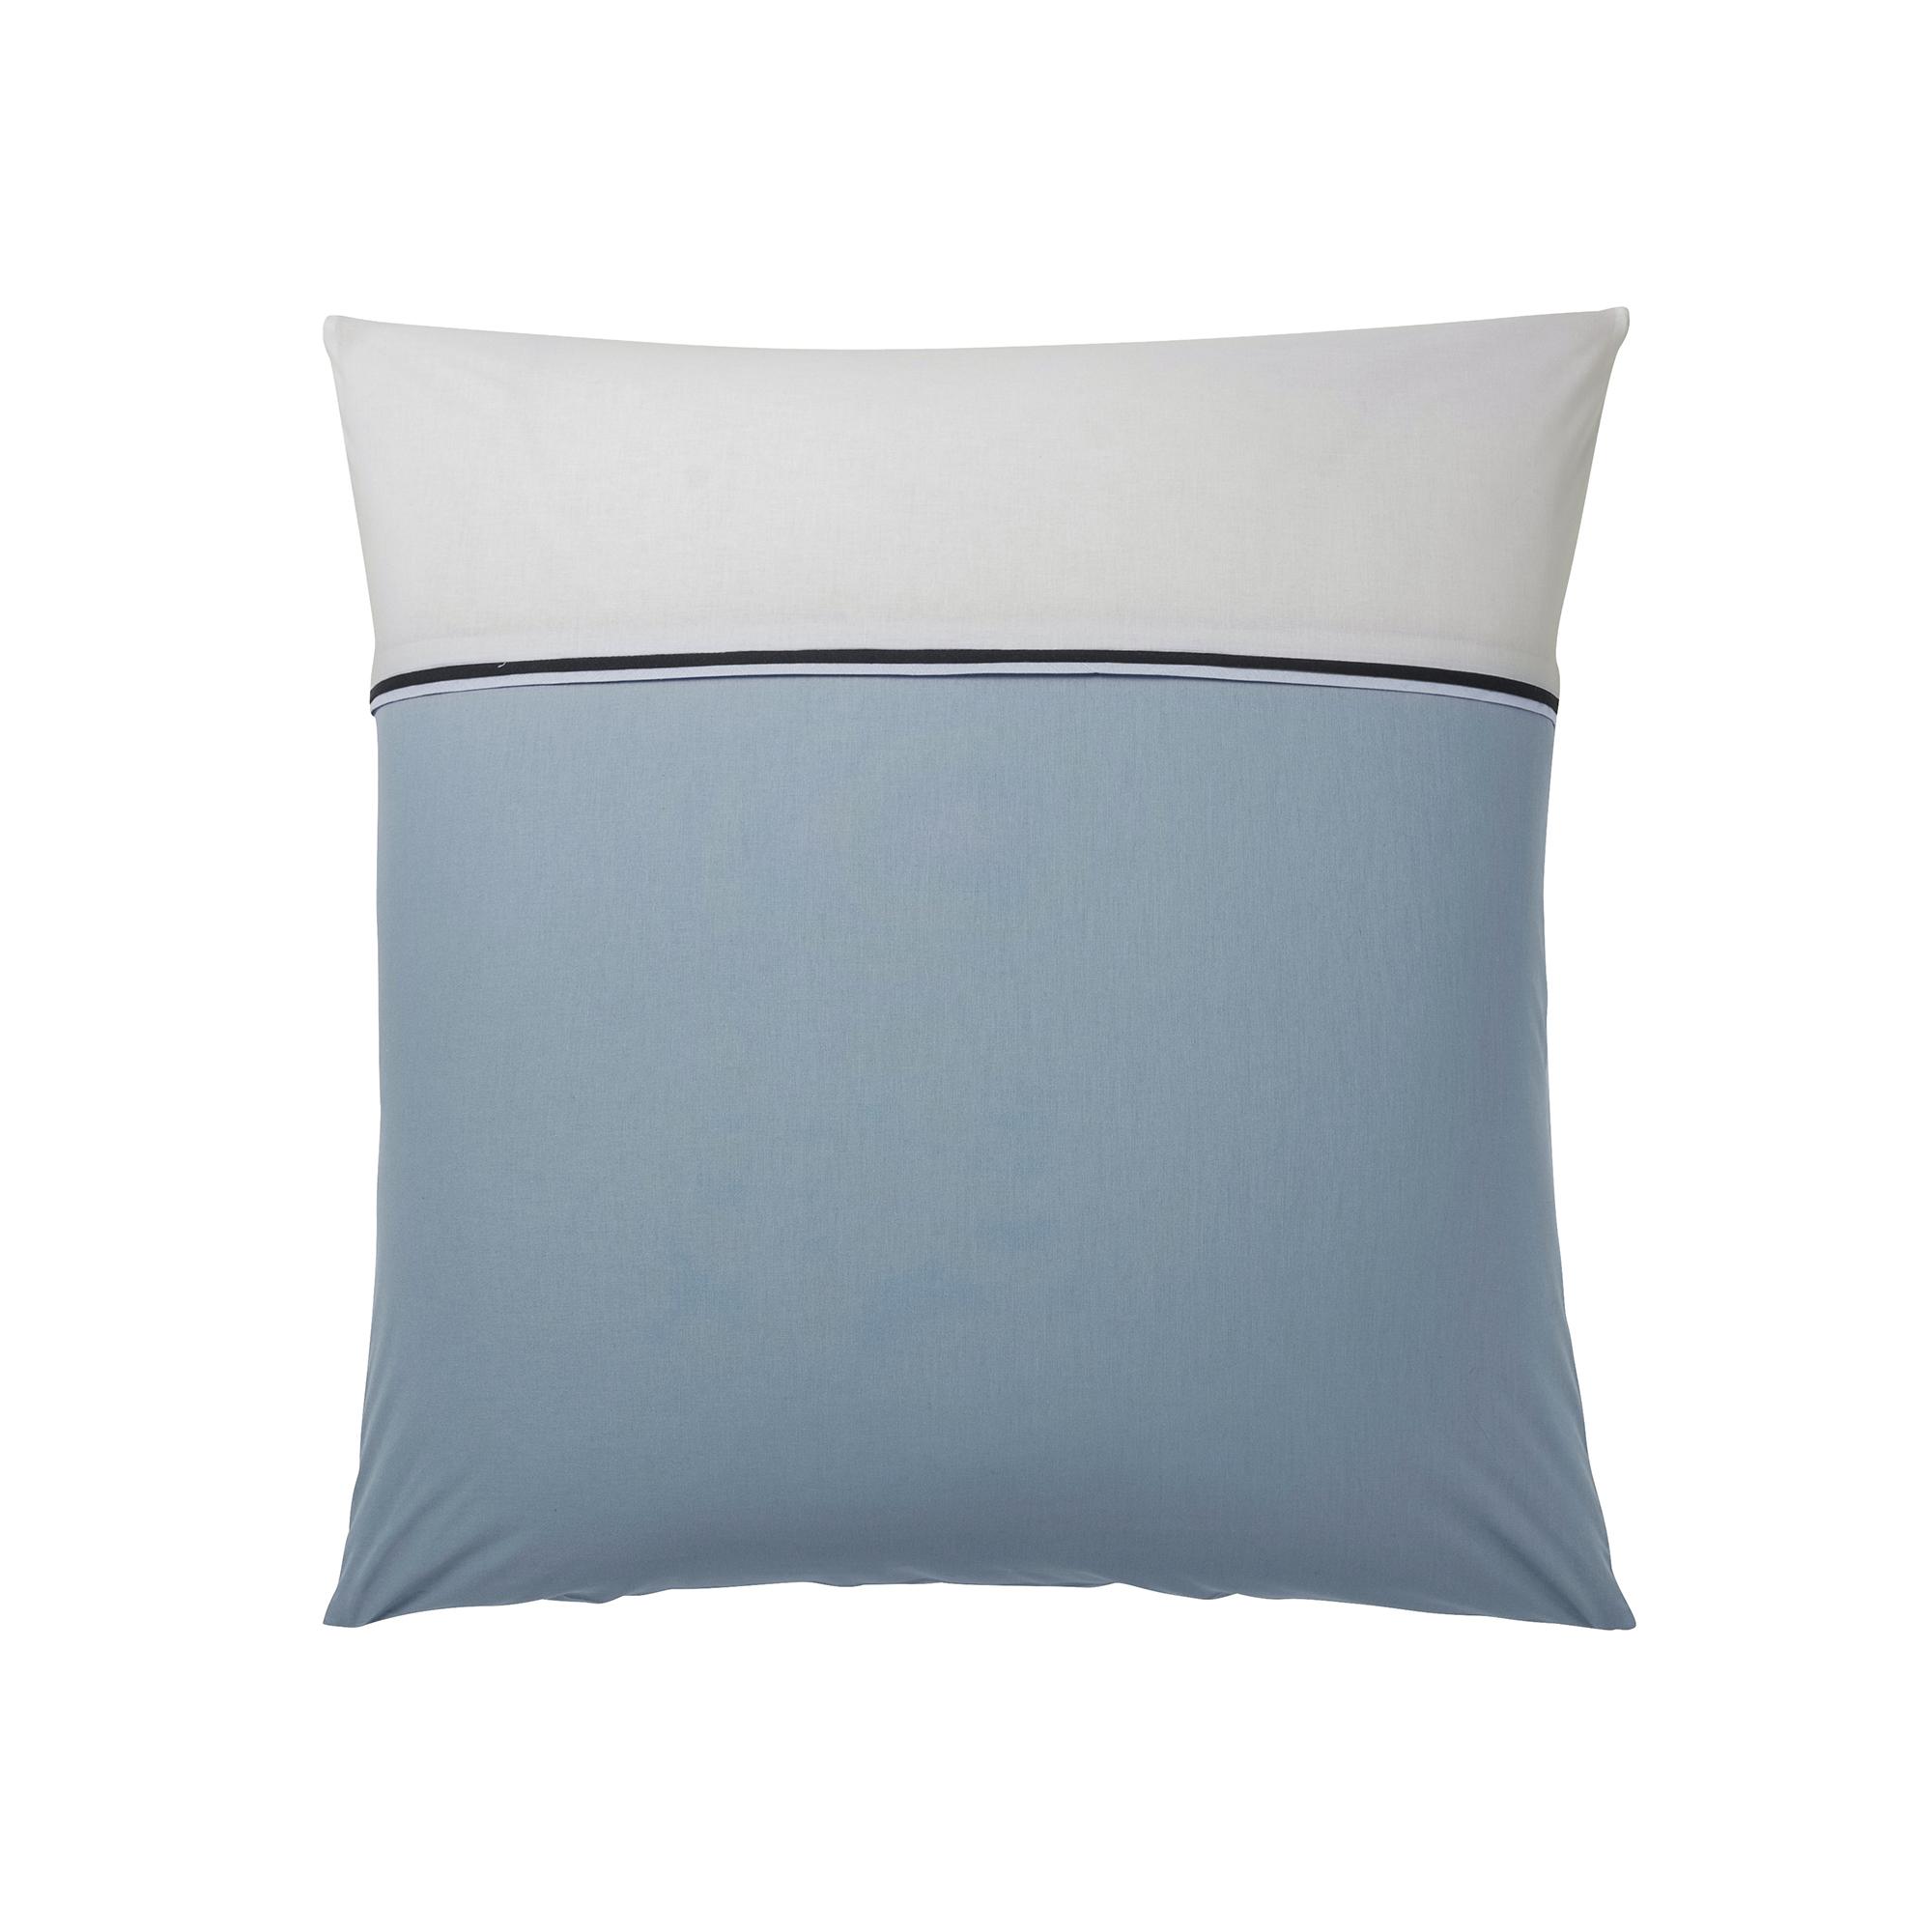 Taie d'oreiller en coton turquoise et blanc 63 x 63